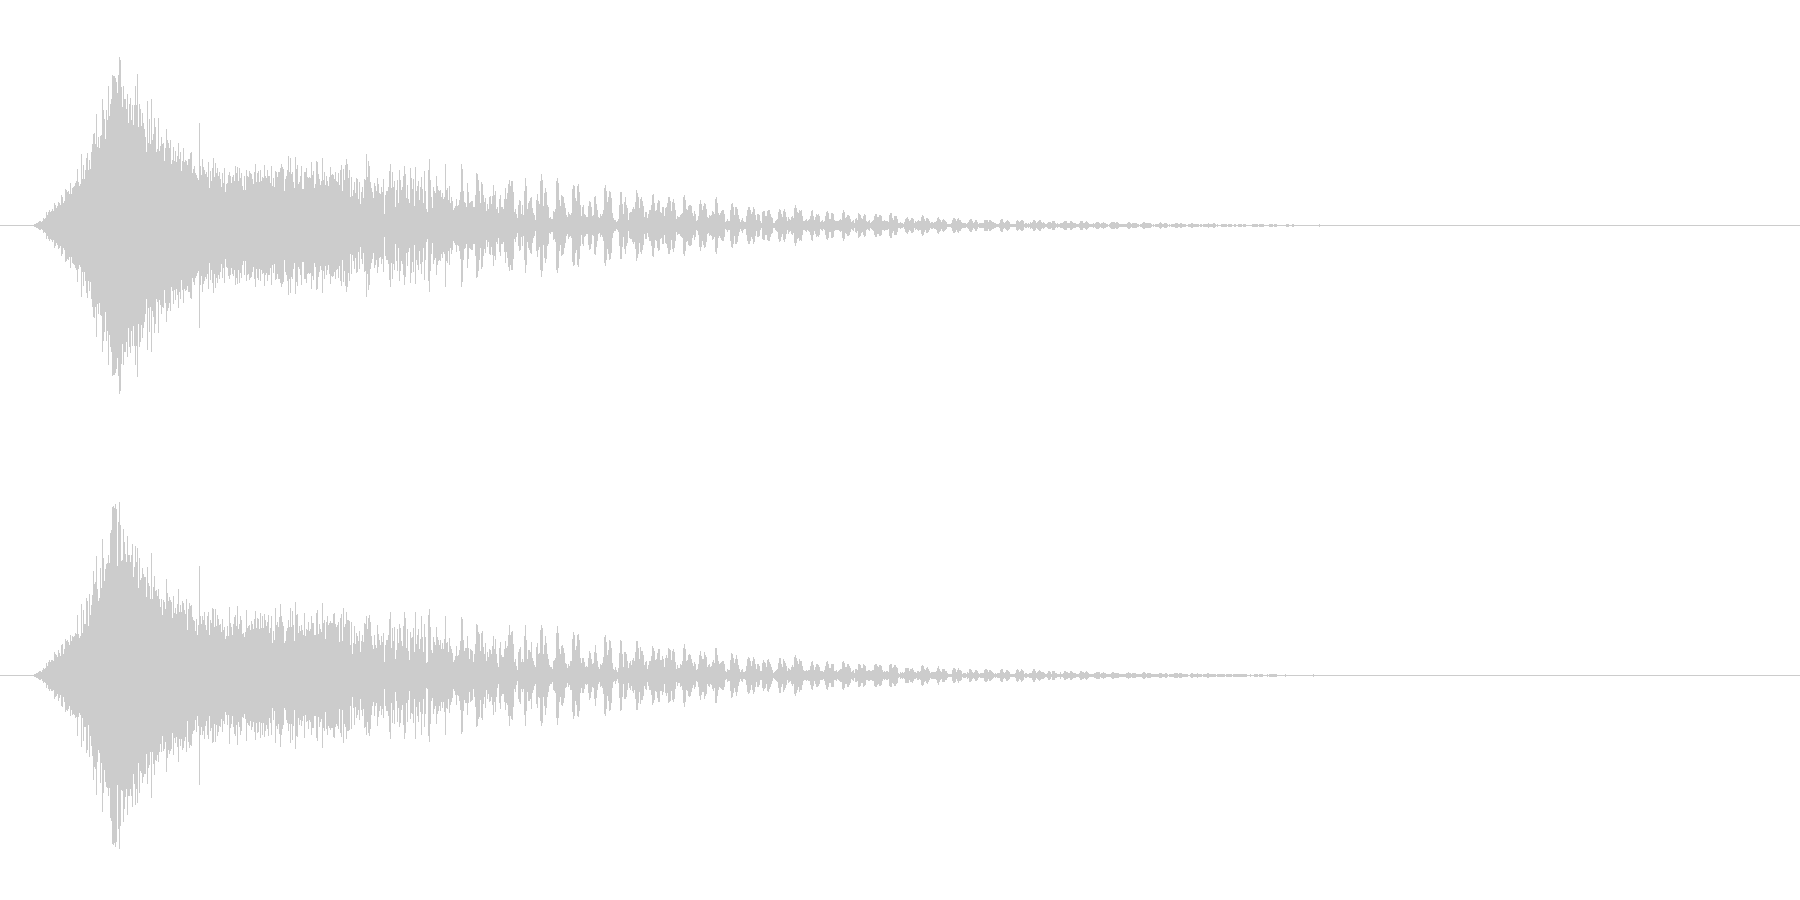 シューン!(カットイン/敵消滅/ワープ)の未再生の波形